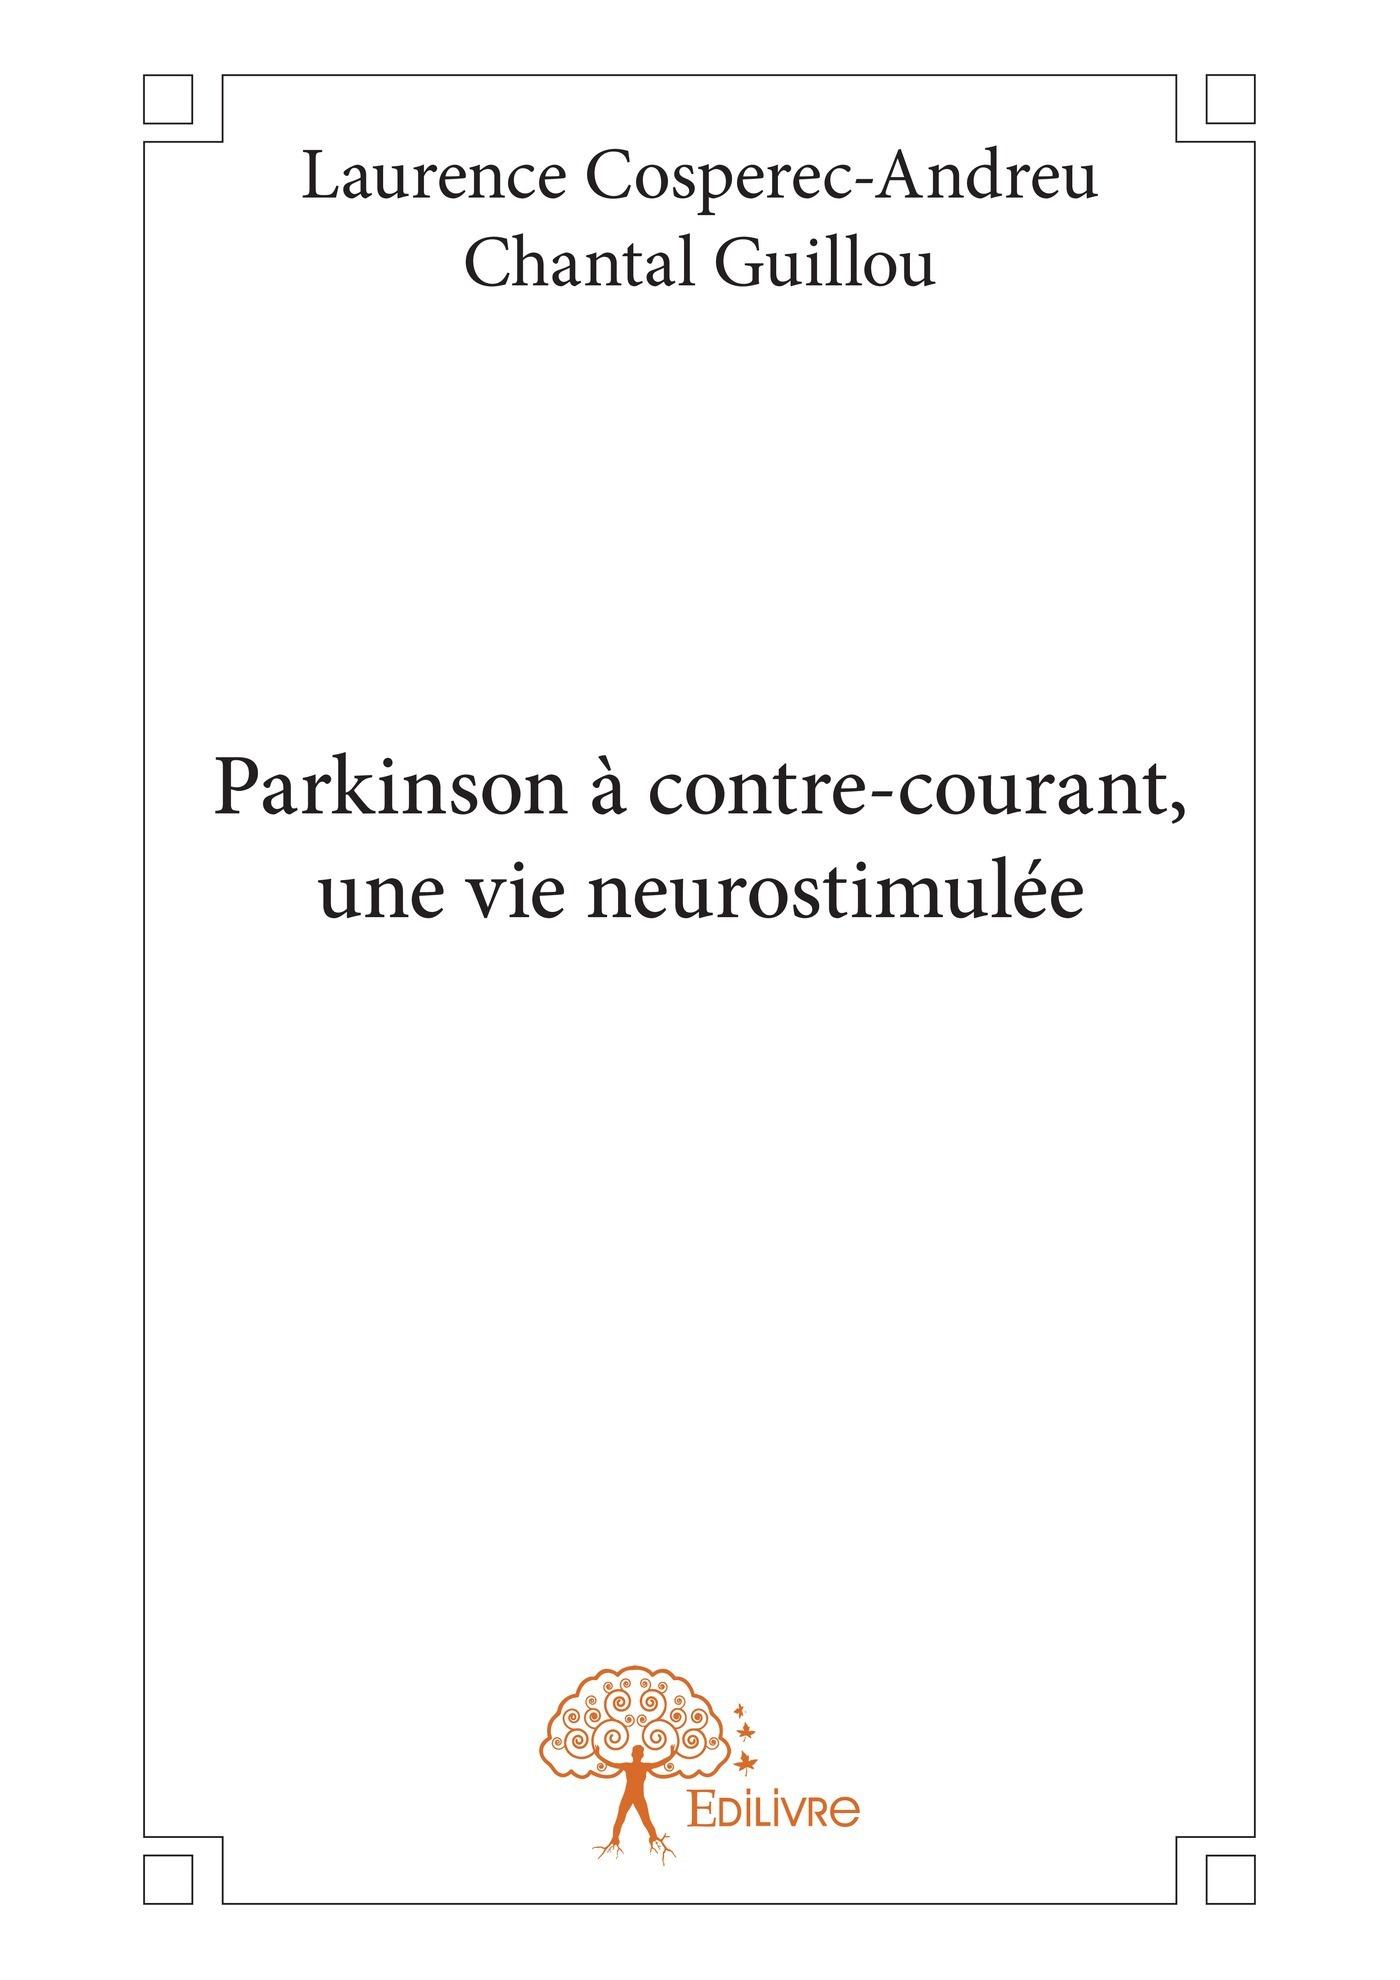 Parkinson à contre-courant, une vie neurostimulée